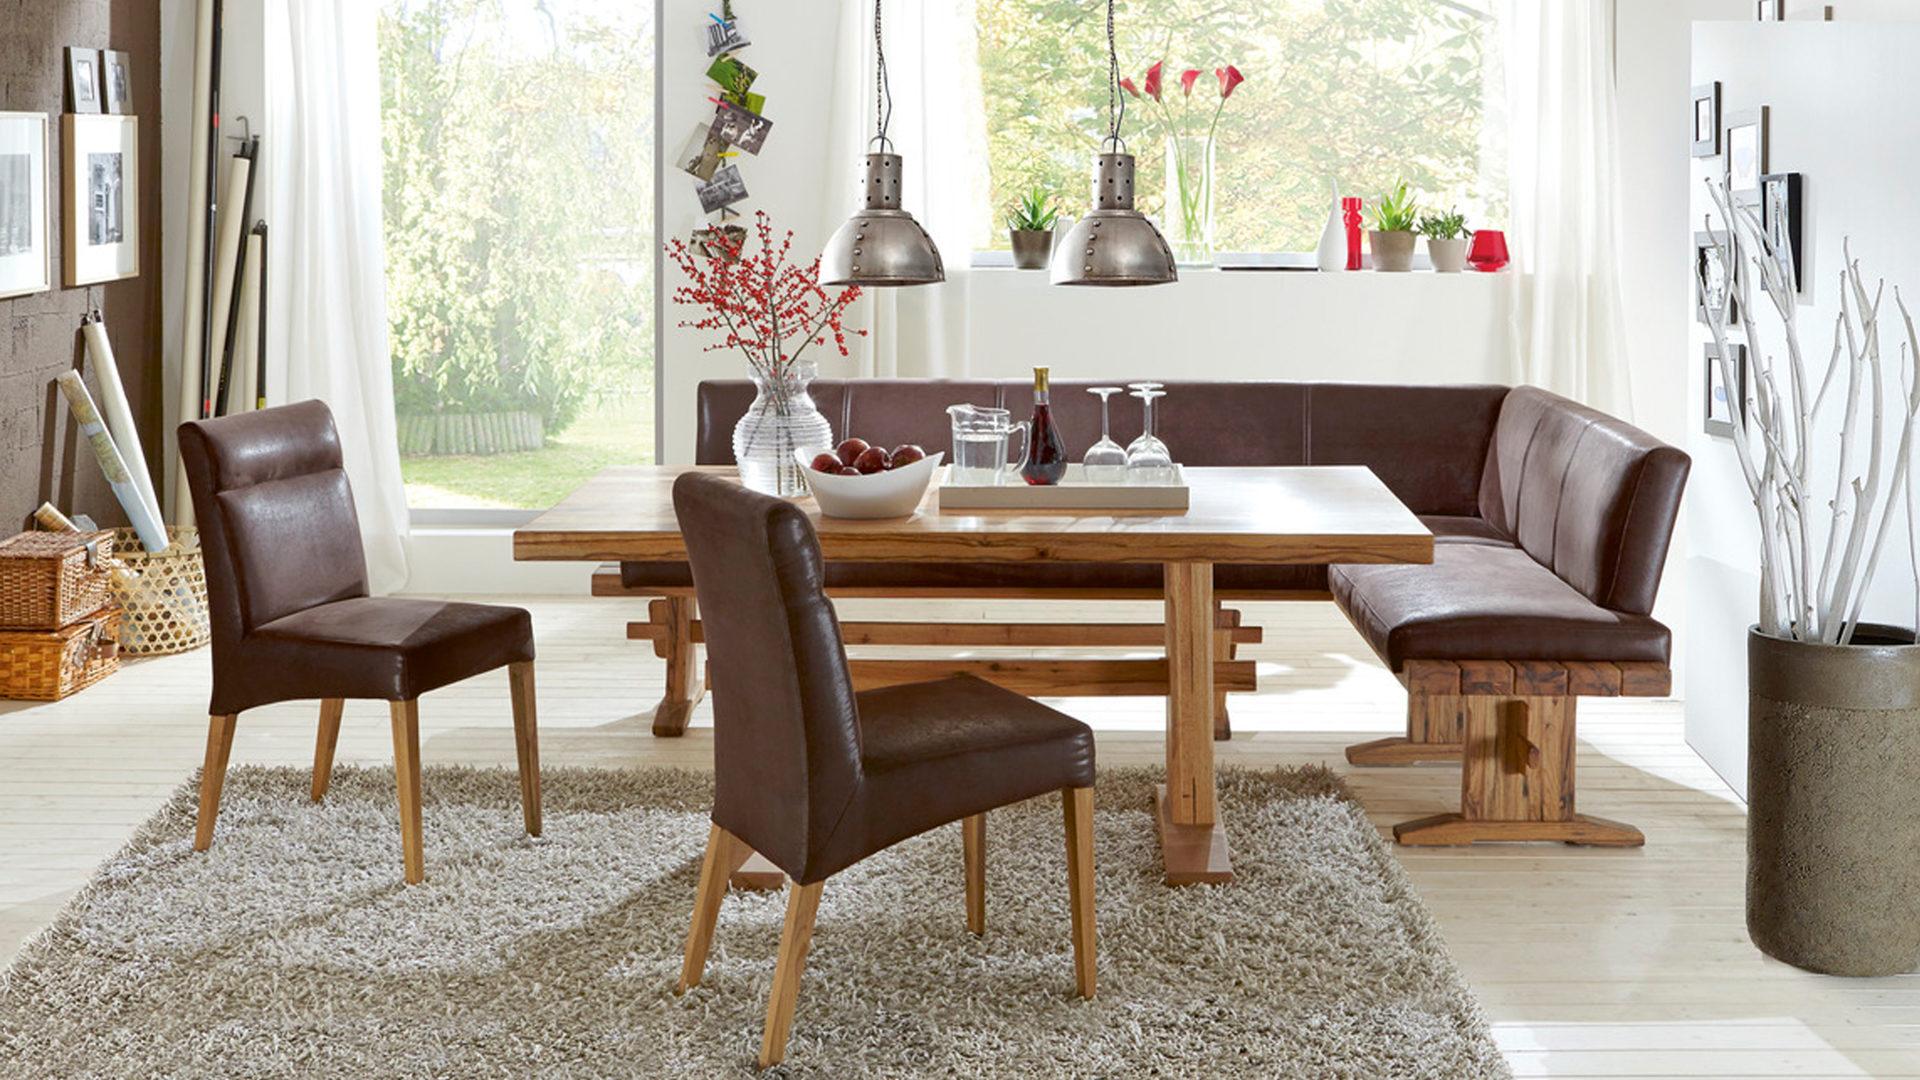 Wunderbar Billiger Rundküchentisch Und Stühle Galerie - Küche Set ...